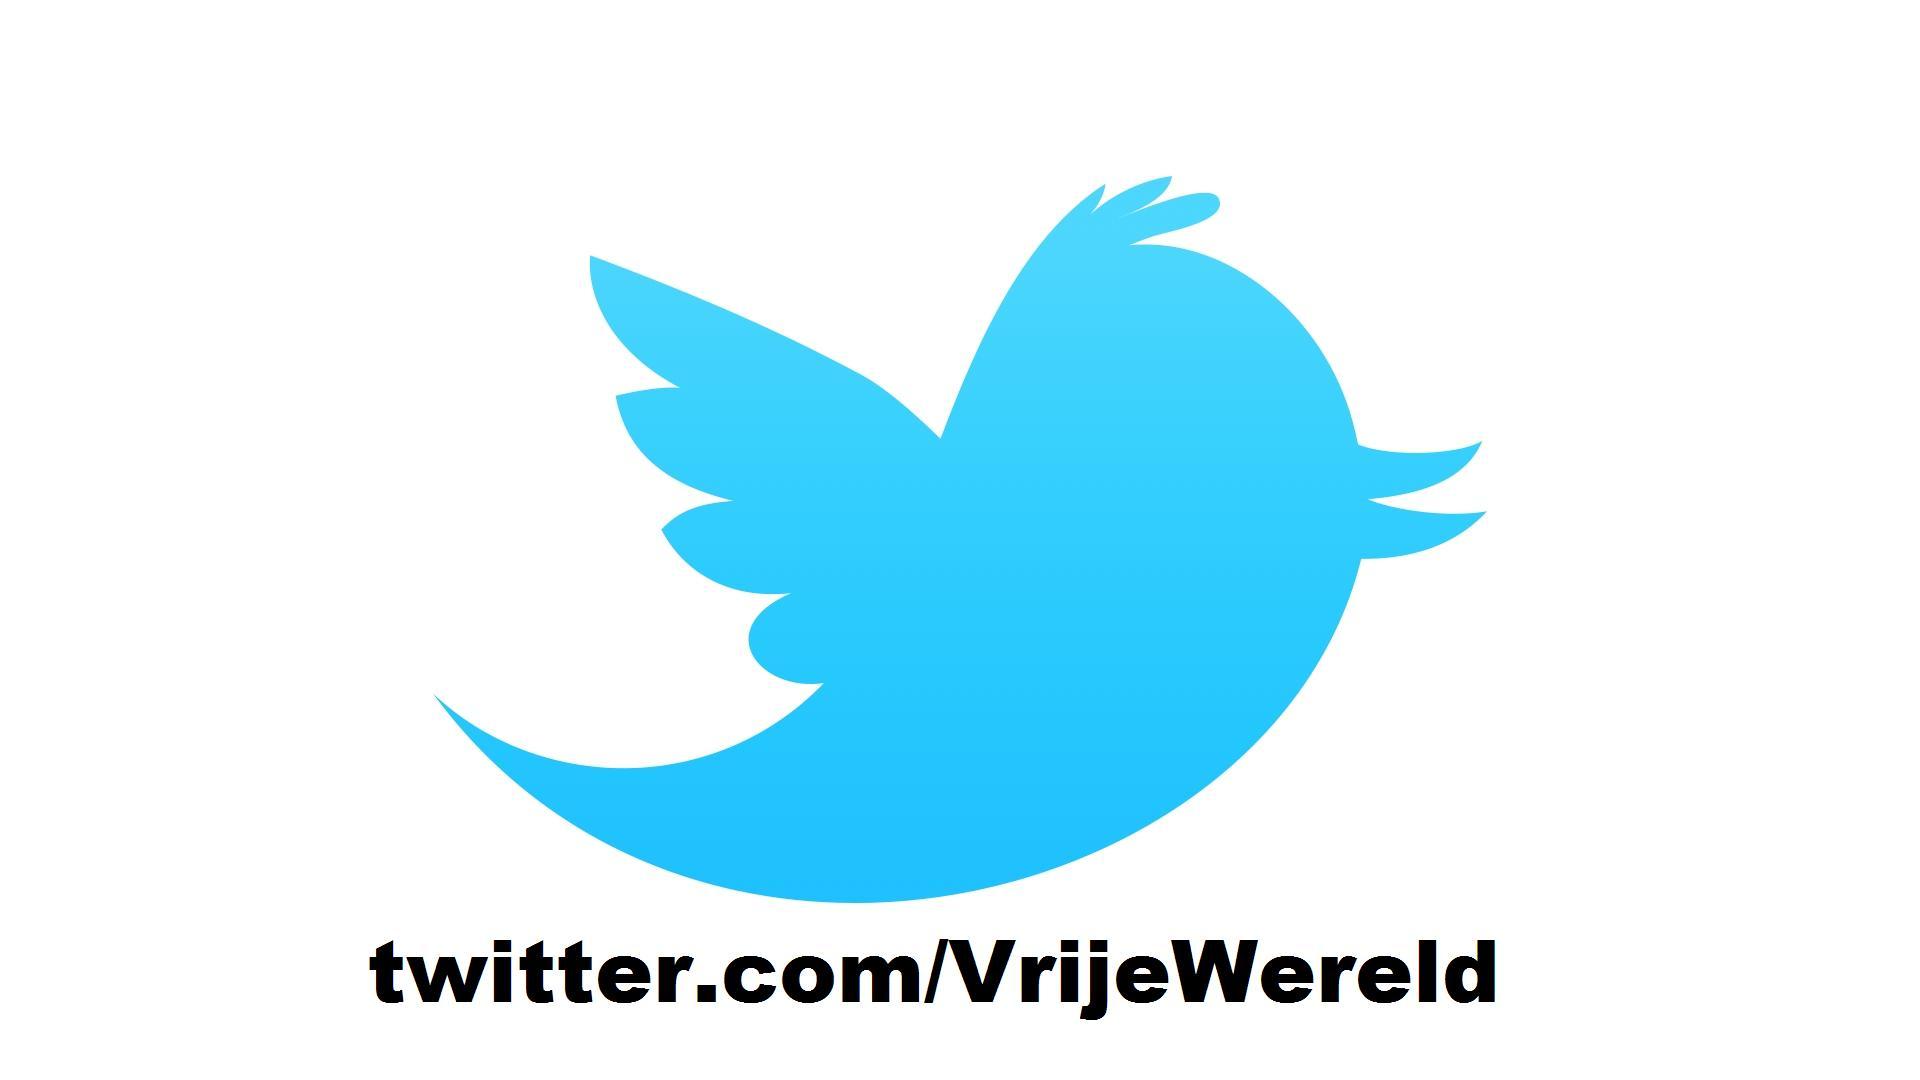 VrijeWereld.org op Twitter.com